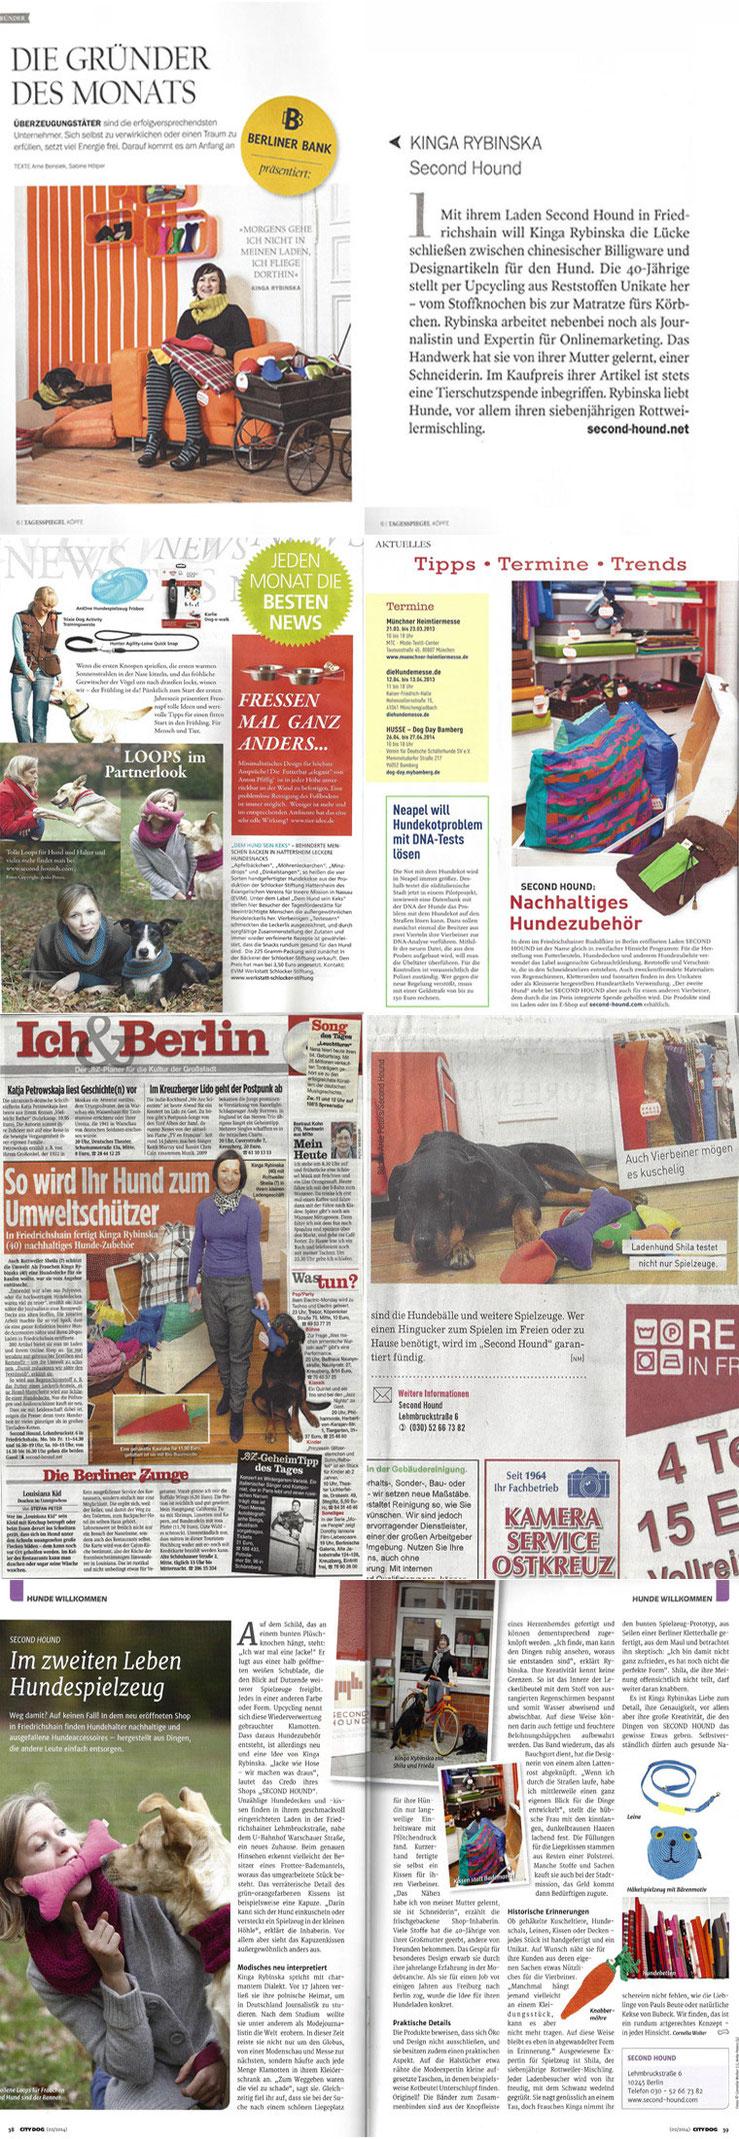 Medienberichte über SECOND HOUND und UNIQUE DOG